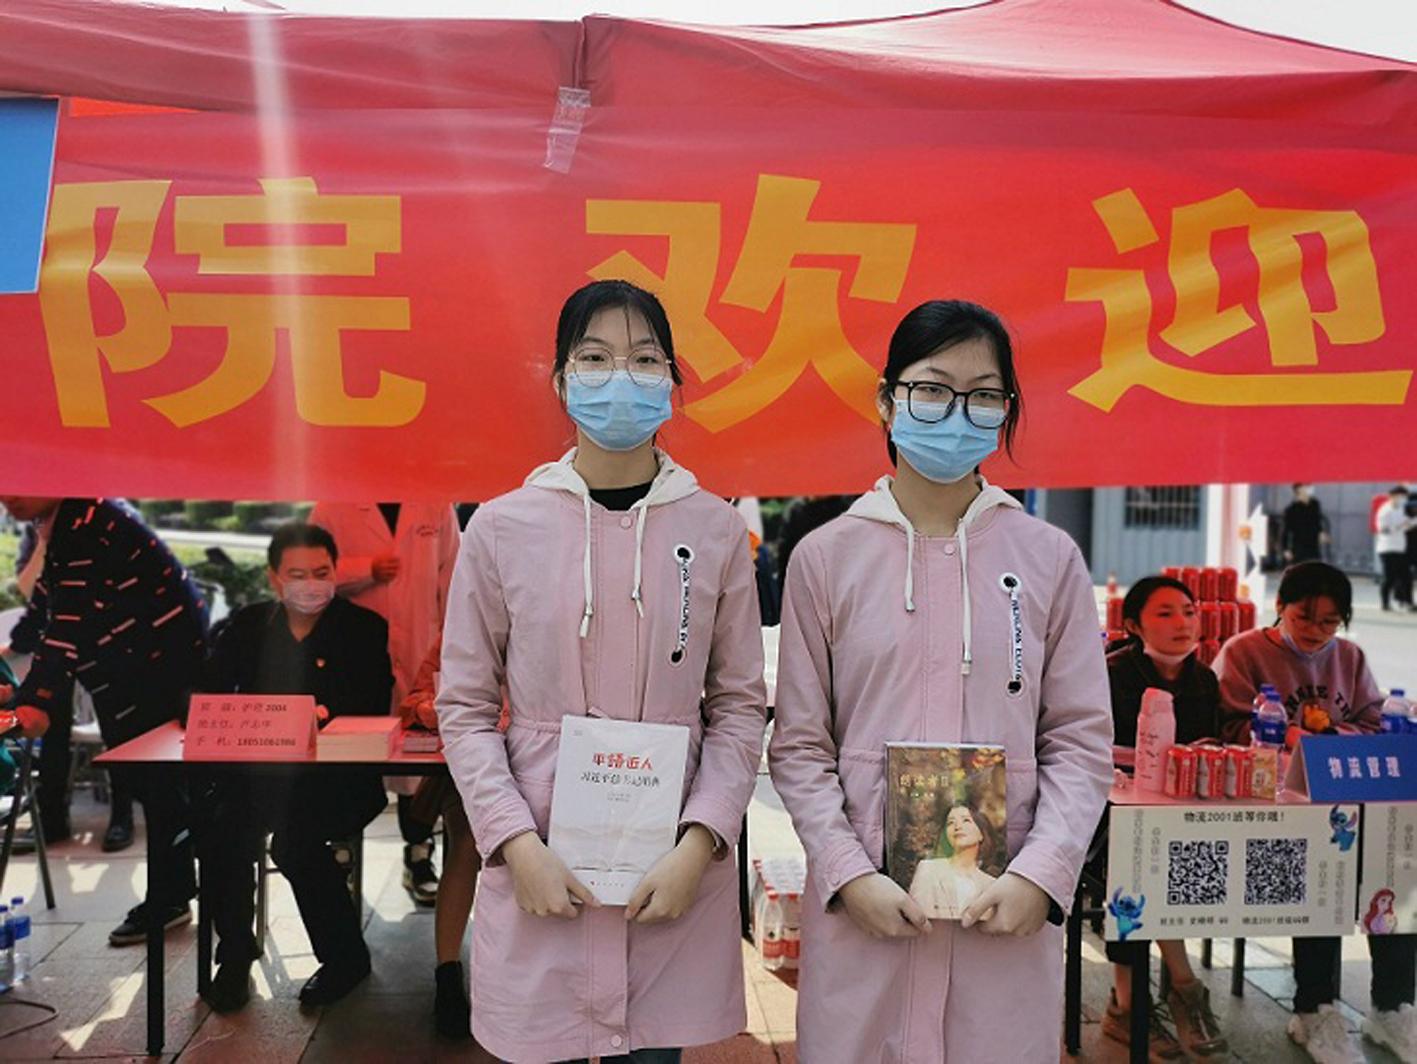 沿着父辈路,泰州这对双胞胎姐妹来扬学医